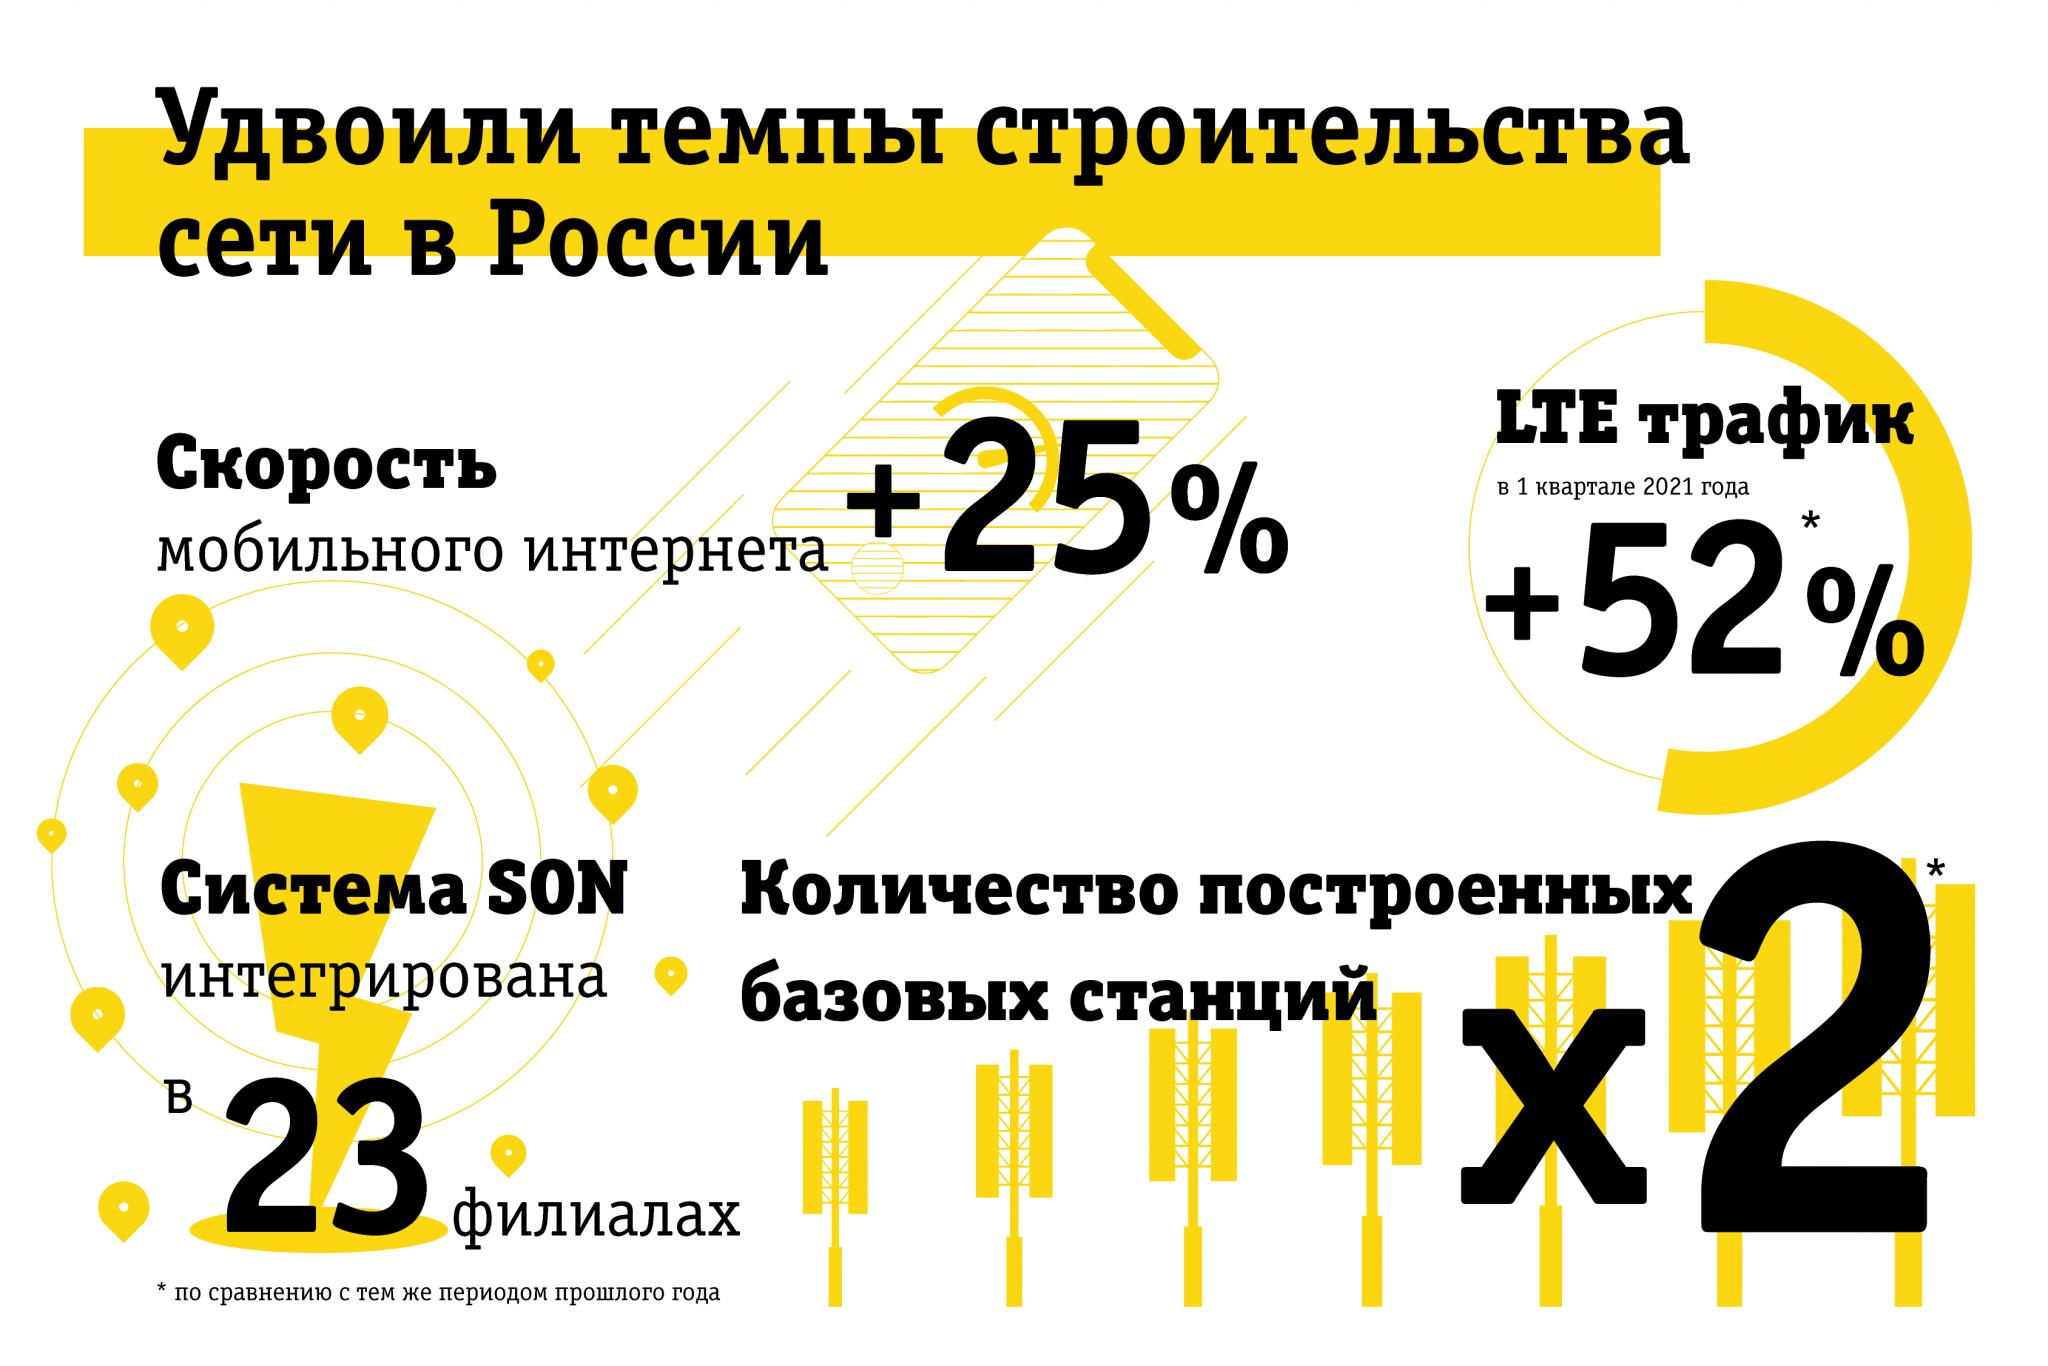 Сеть_итоги_1_кв.2021.png